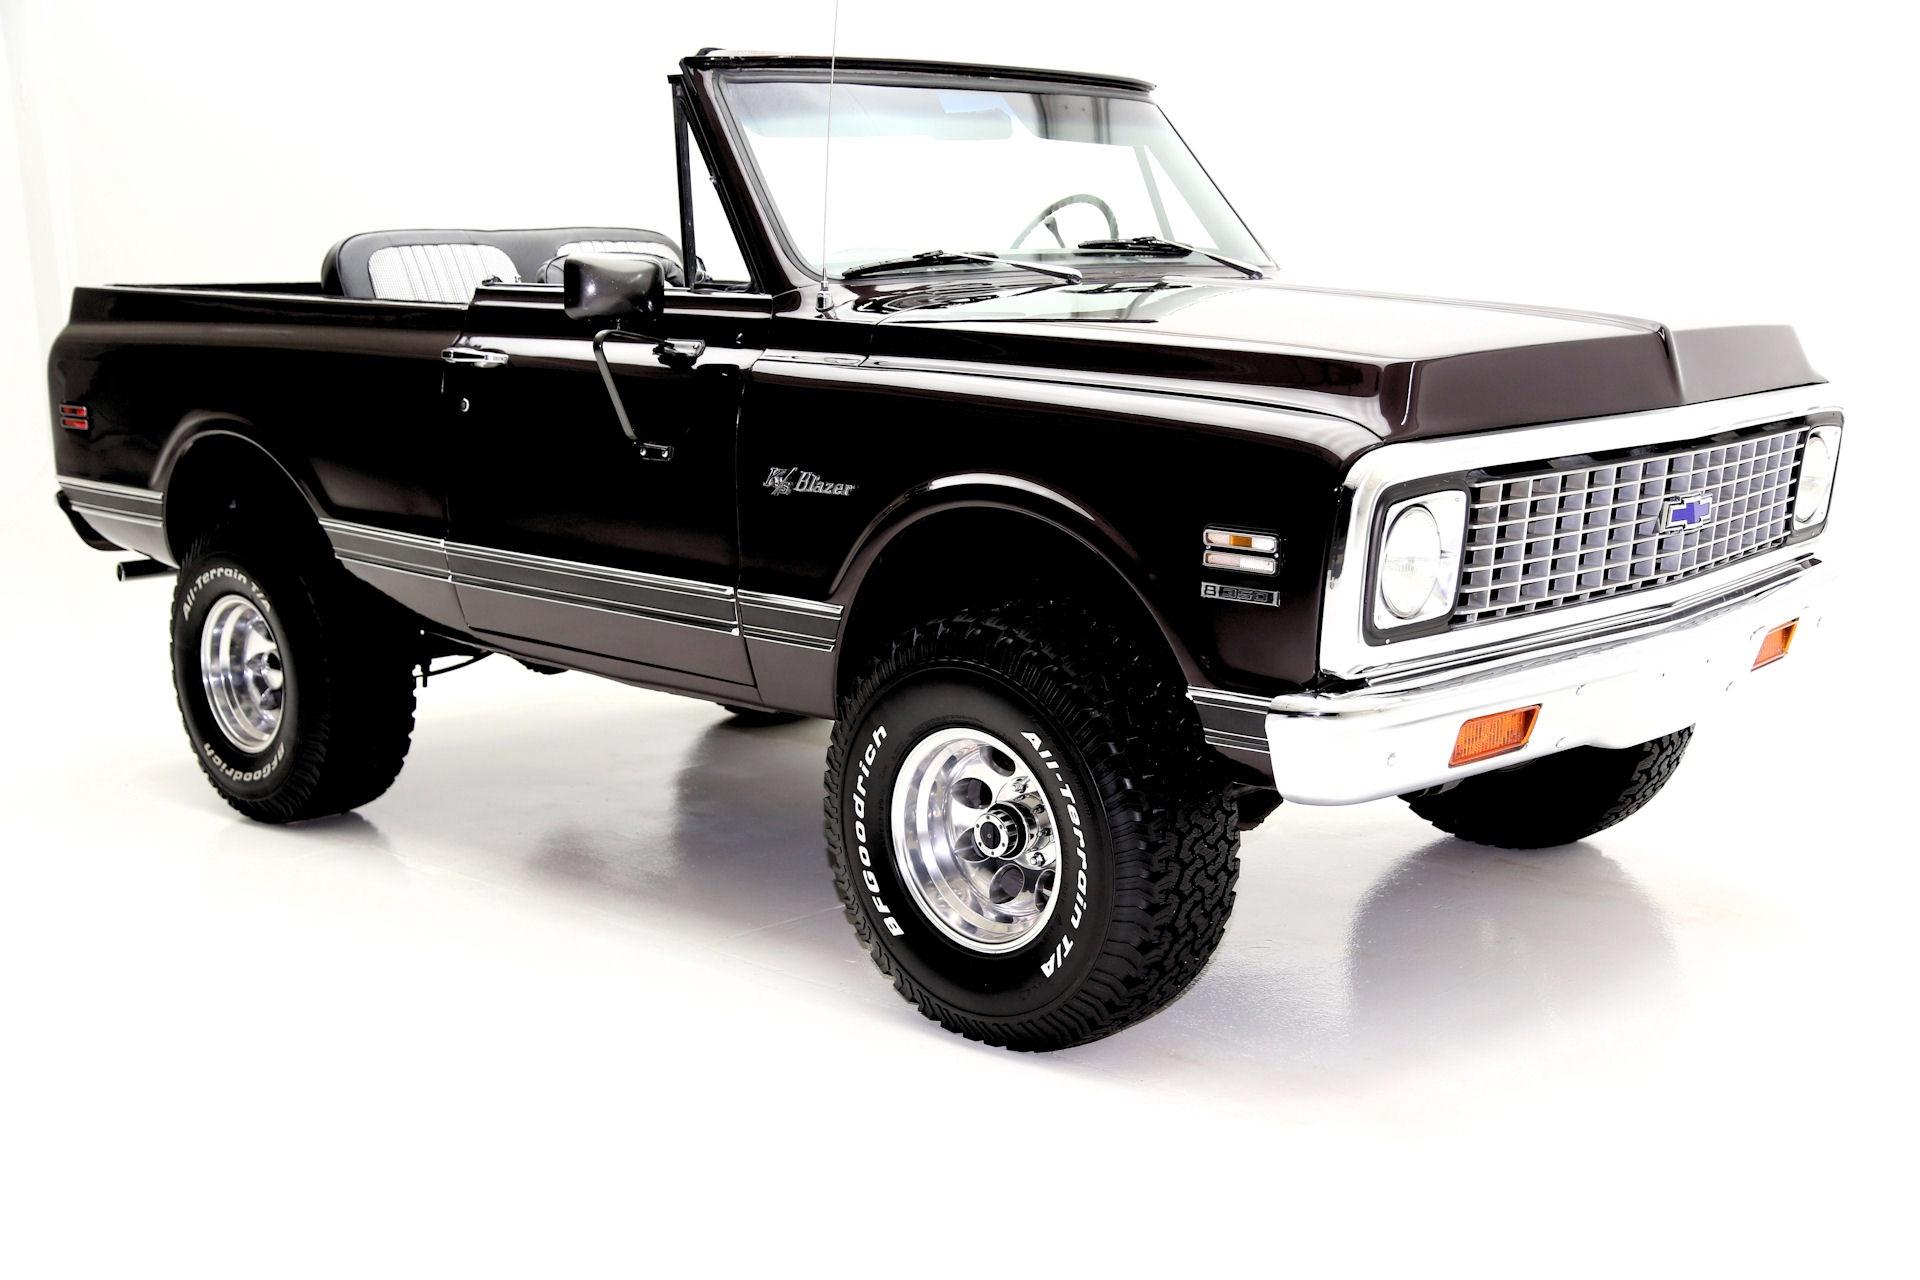 1972 Chevrolet K5 Blazer Black Cherry 4x4 Houndstooth